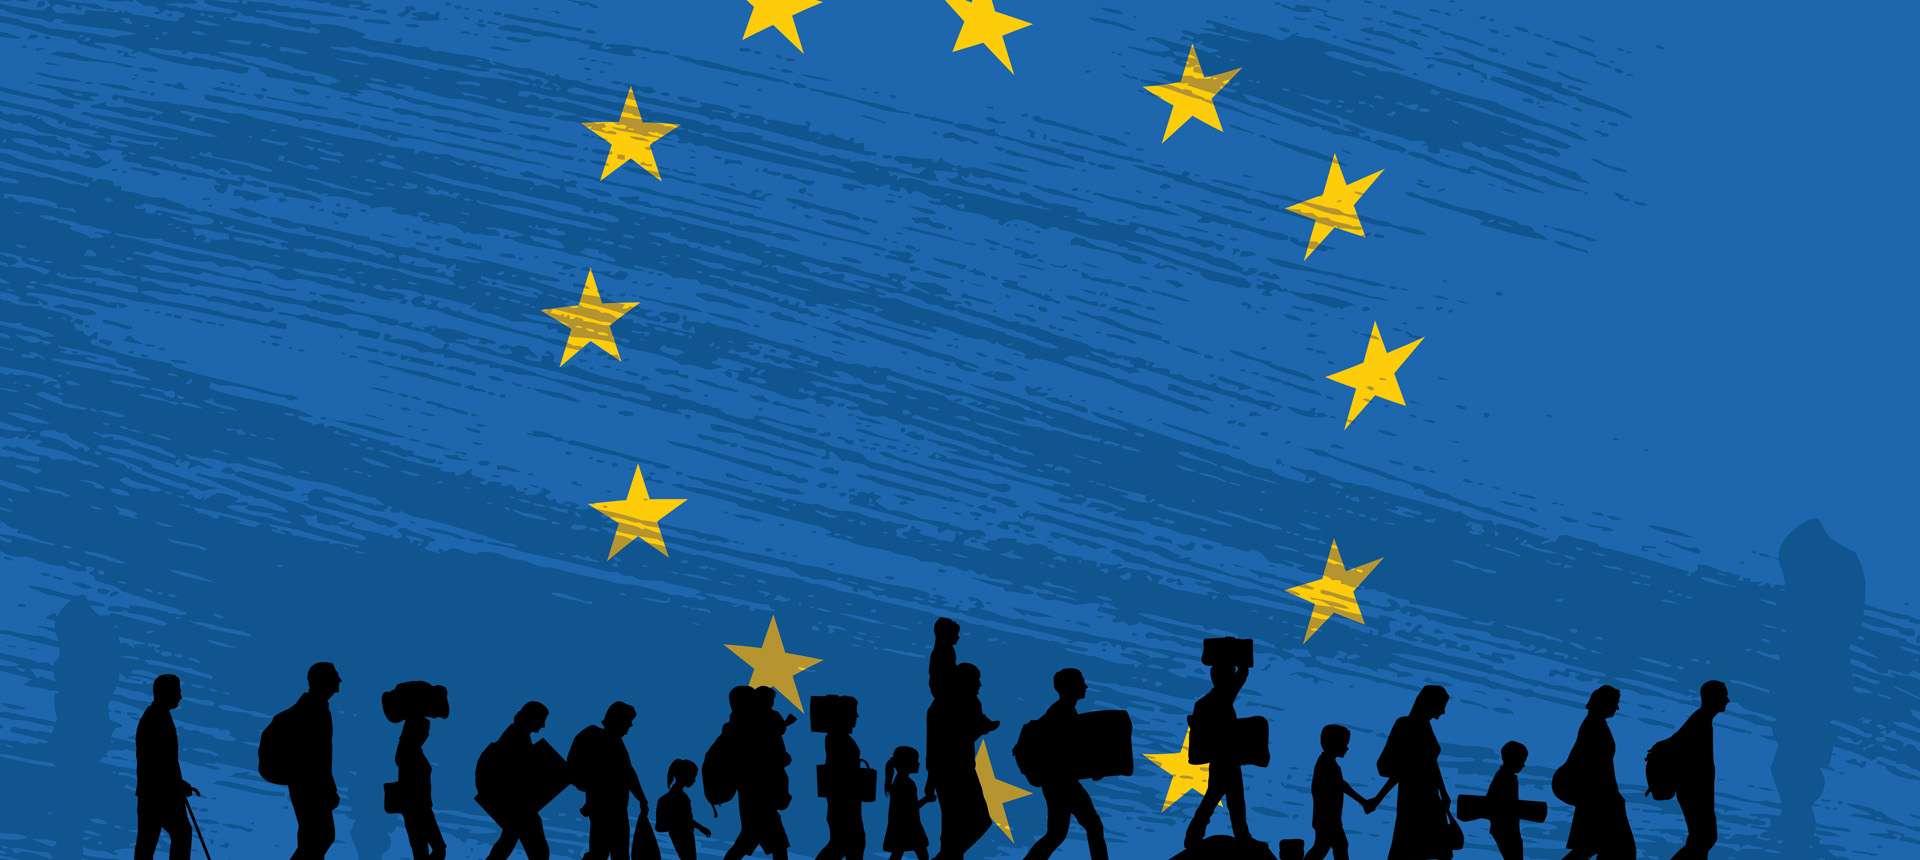 Visite de Strasbourg & du Parlement européen le 8 décembre 2017